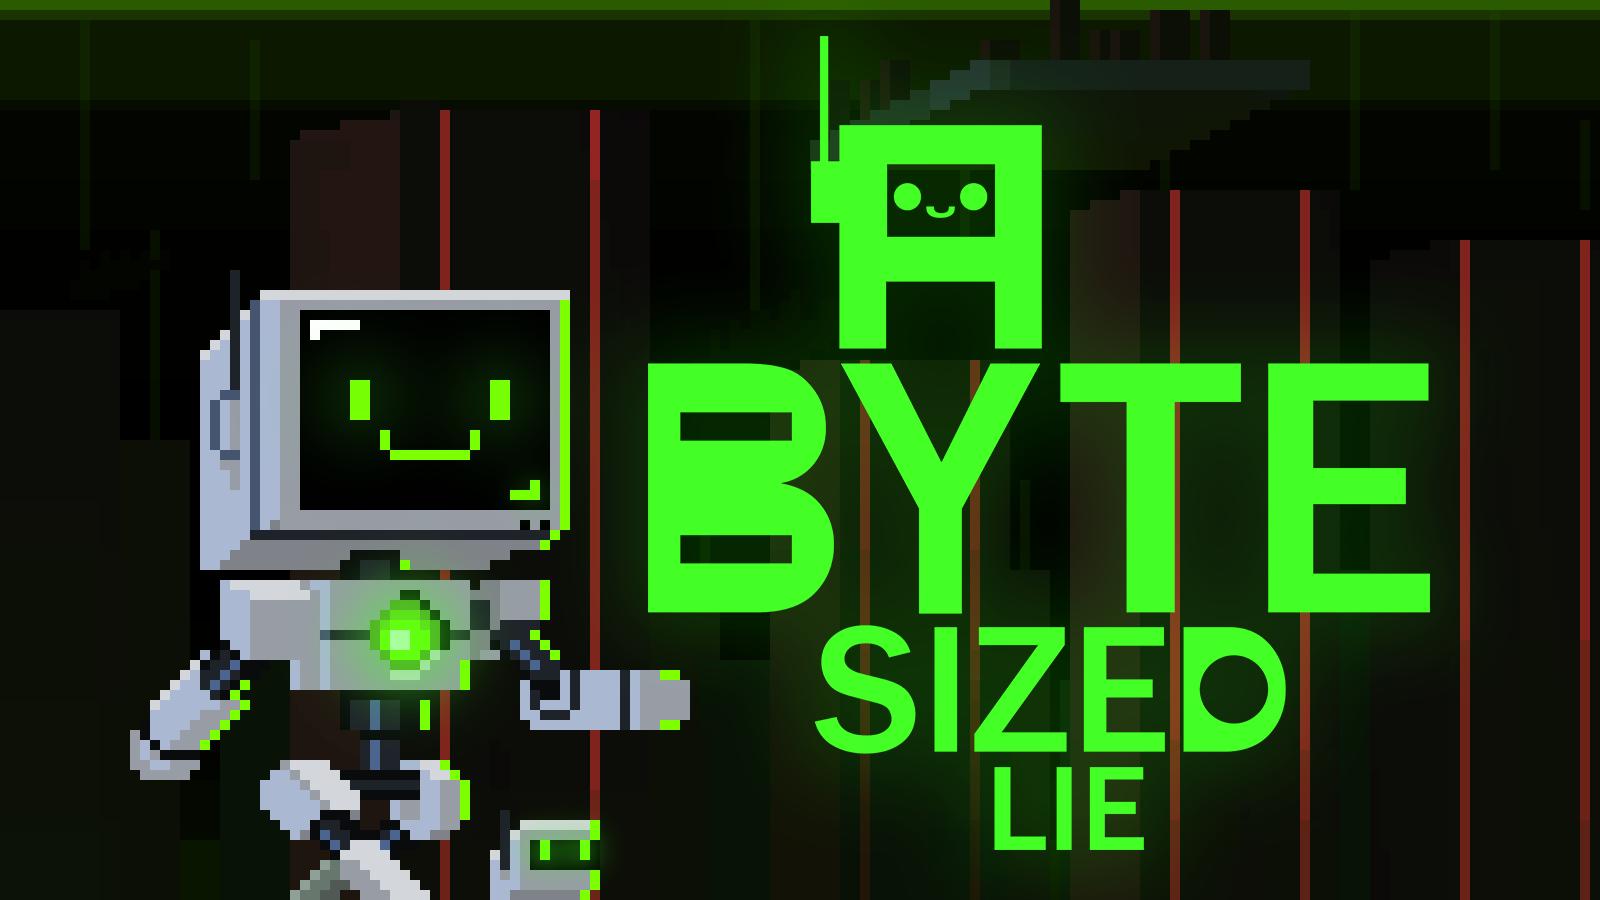 A Byte Sized Lie